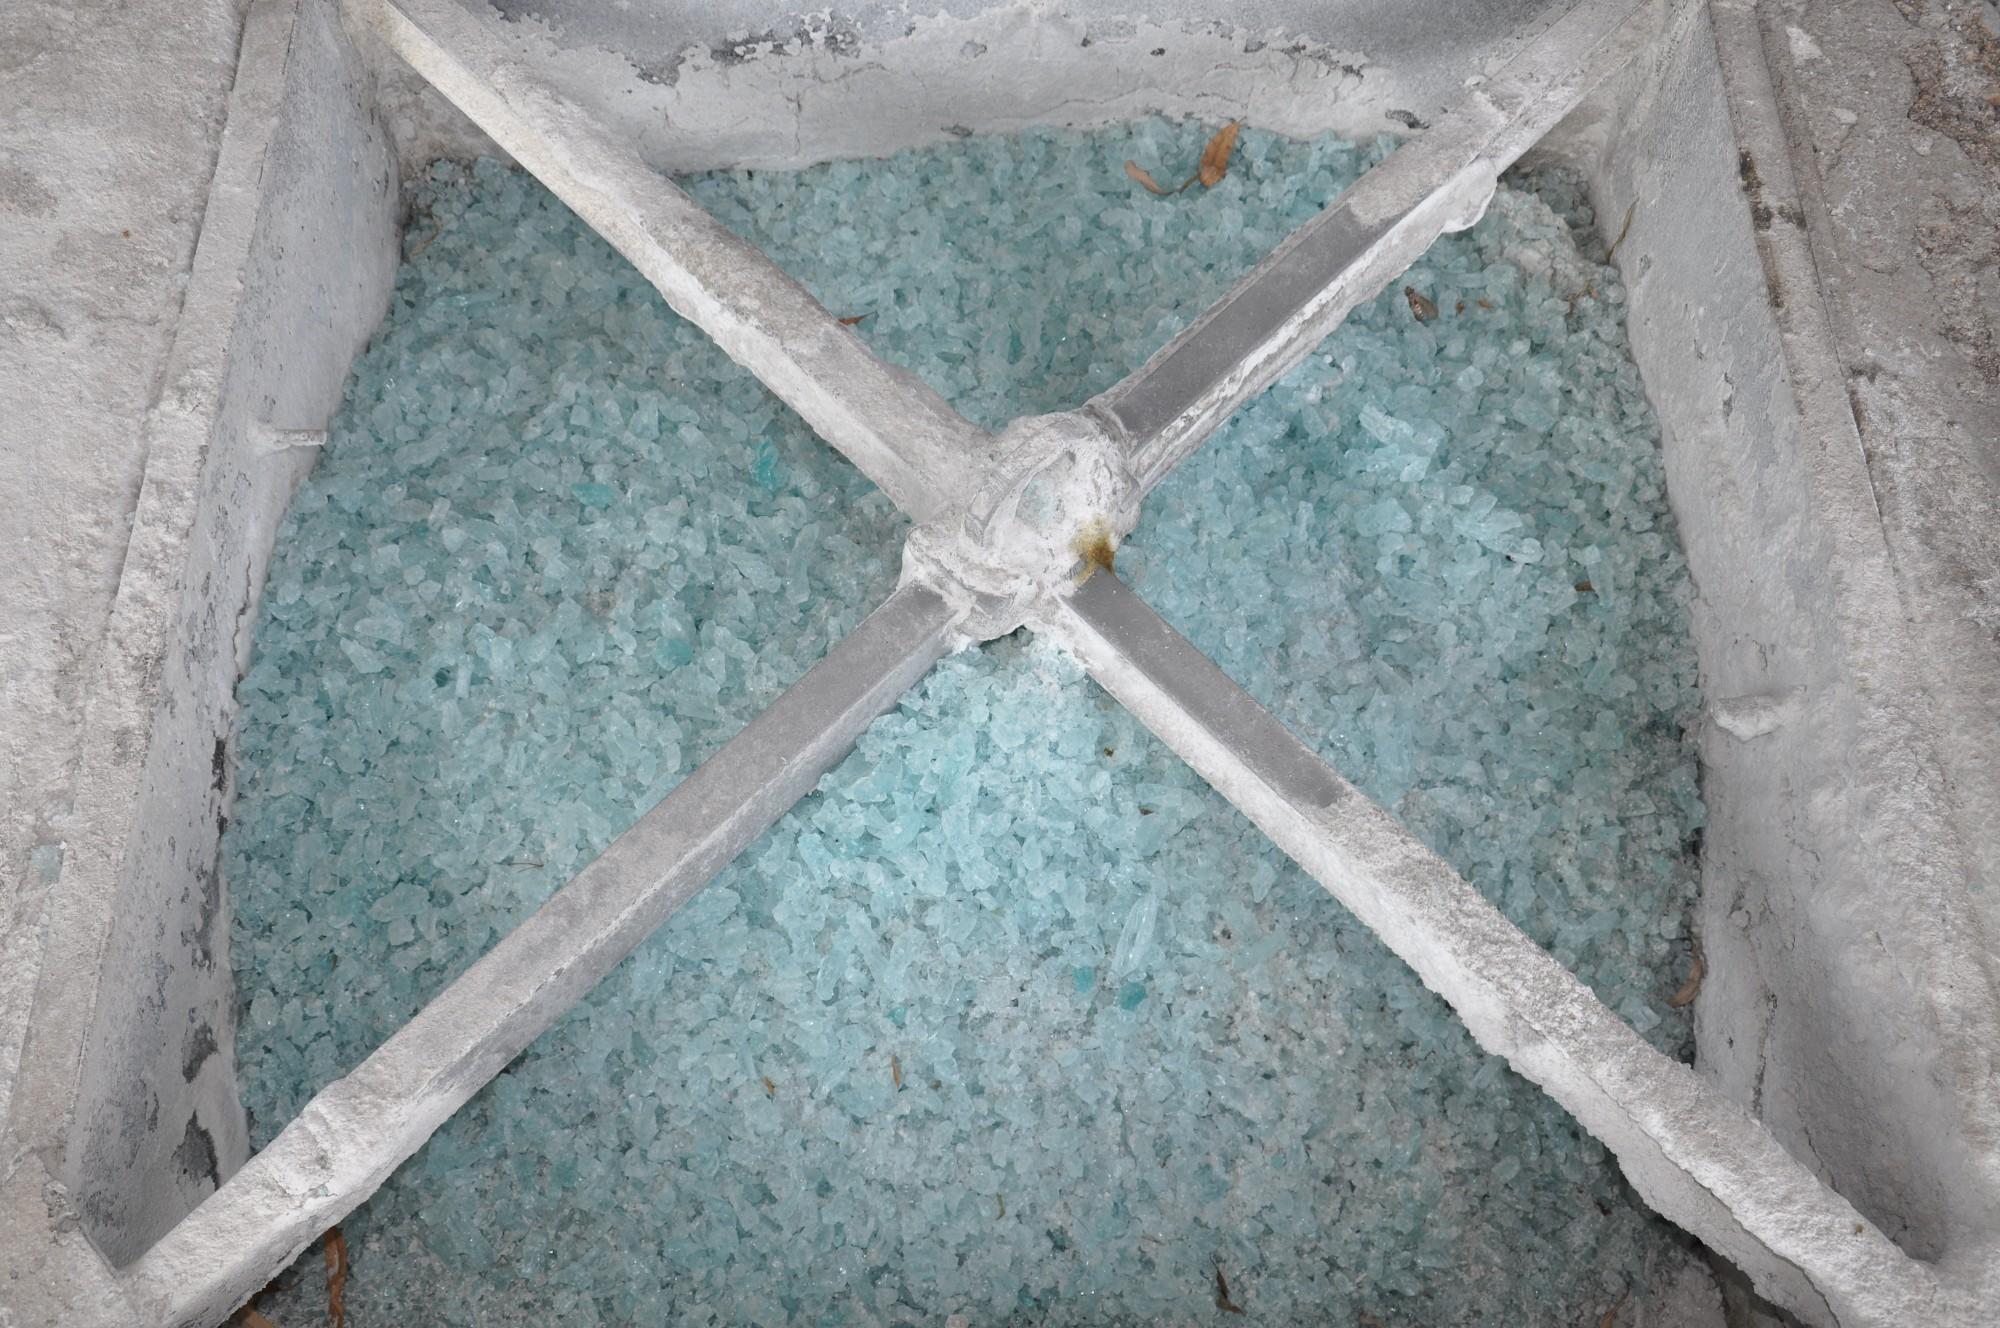 Kaufen Hersteller Vertrieb Natriumsilikatpulver Na2SiO3;Hersteller Vertrieb Natriumsilikatpulver Na2SiO3 Preis;Hersteller Vertrieb Natriumsilikatpulver Na2SiO3 Marken;Hersteller Vertrieb Natriumsilikatpulver Na2SiO3 Hersteller;Hersteller Vertrieb Natriumsilikatpulver Na2SiO3 Zitat;Hersteller Vertrieb Natriumsilikatpulver Na2SiO3 Unternehmen